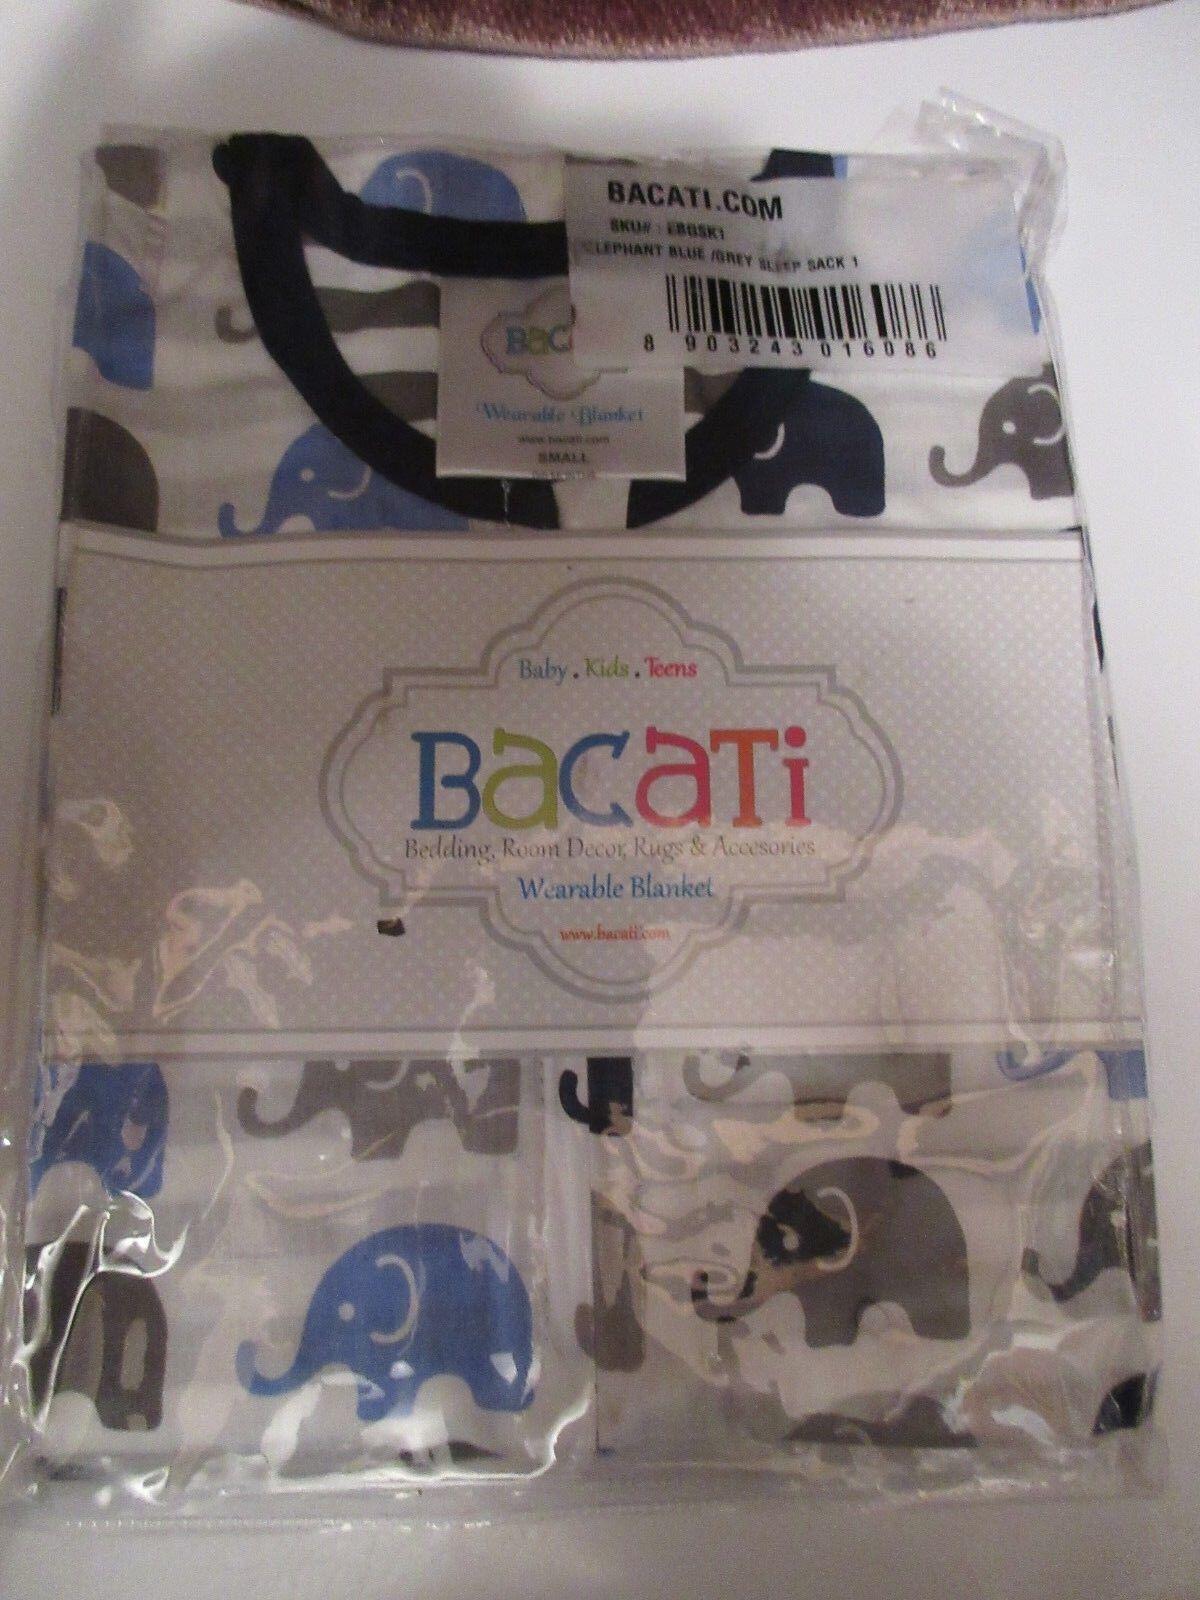 Bacati Elephants Wearable Blanket, Blue / Grey Sleep Sack Sm